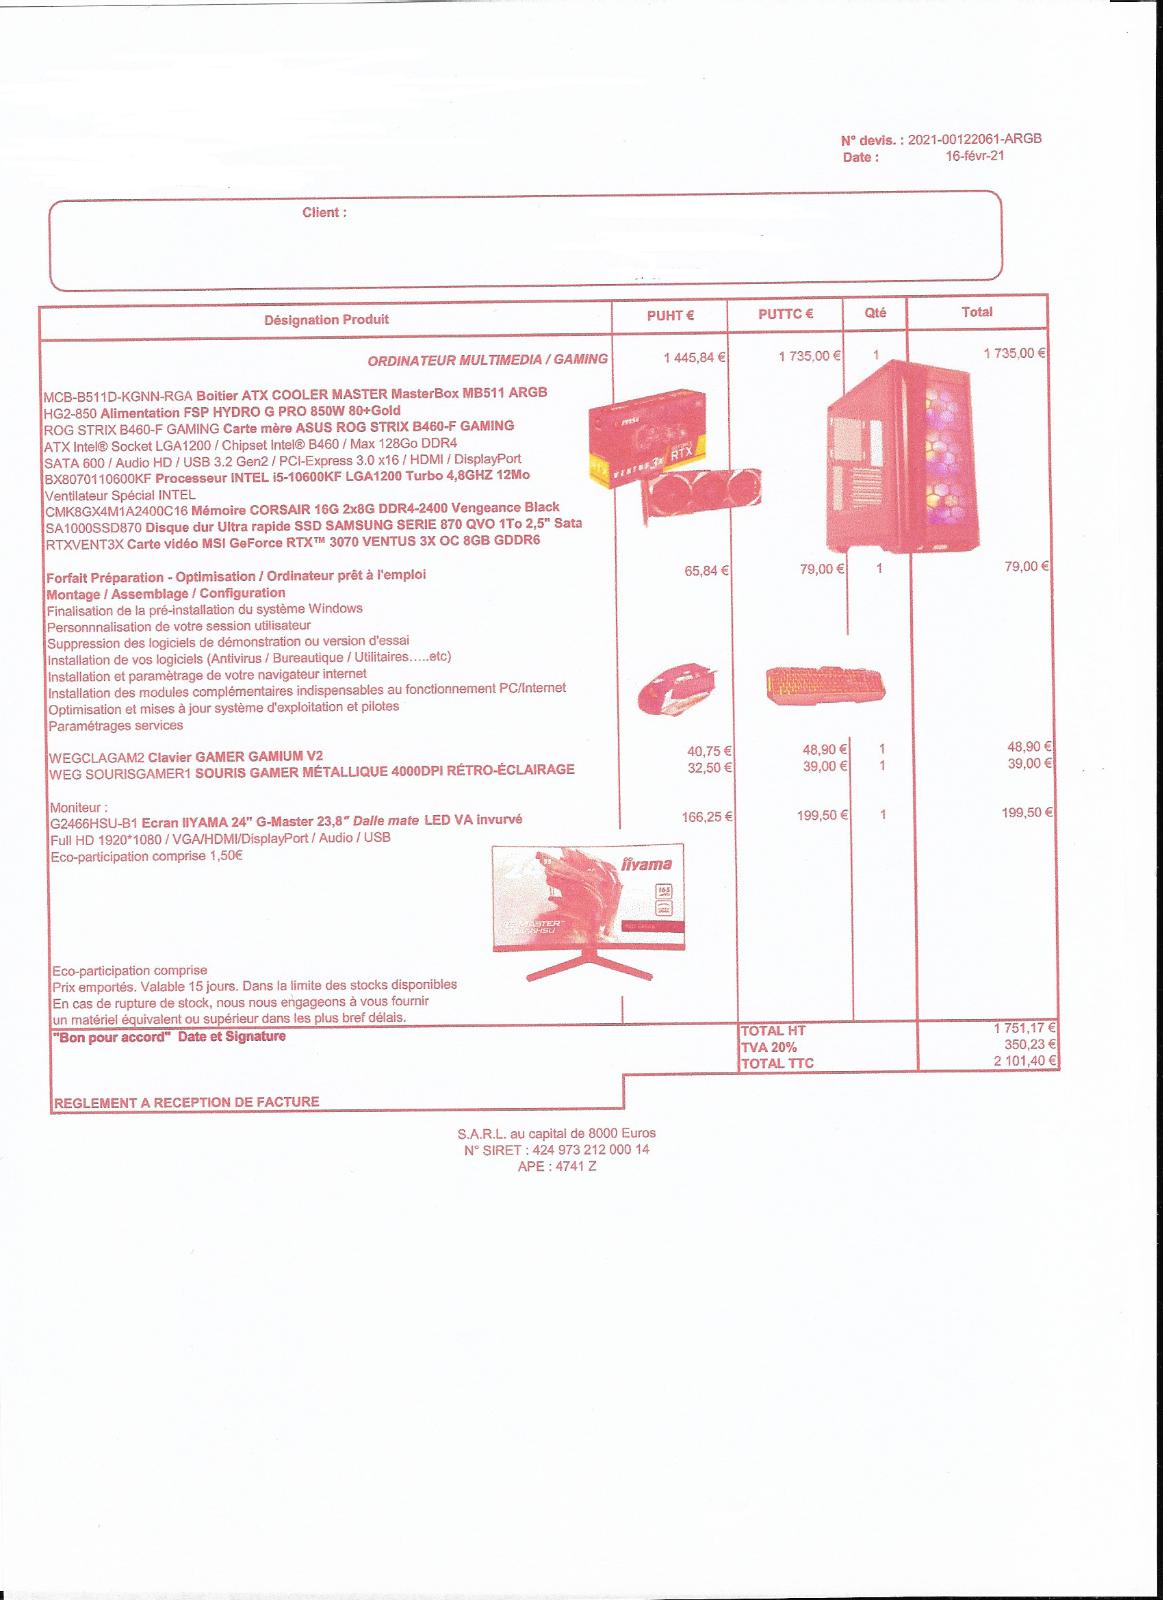 DEVISPC_2021-02-27.png